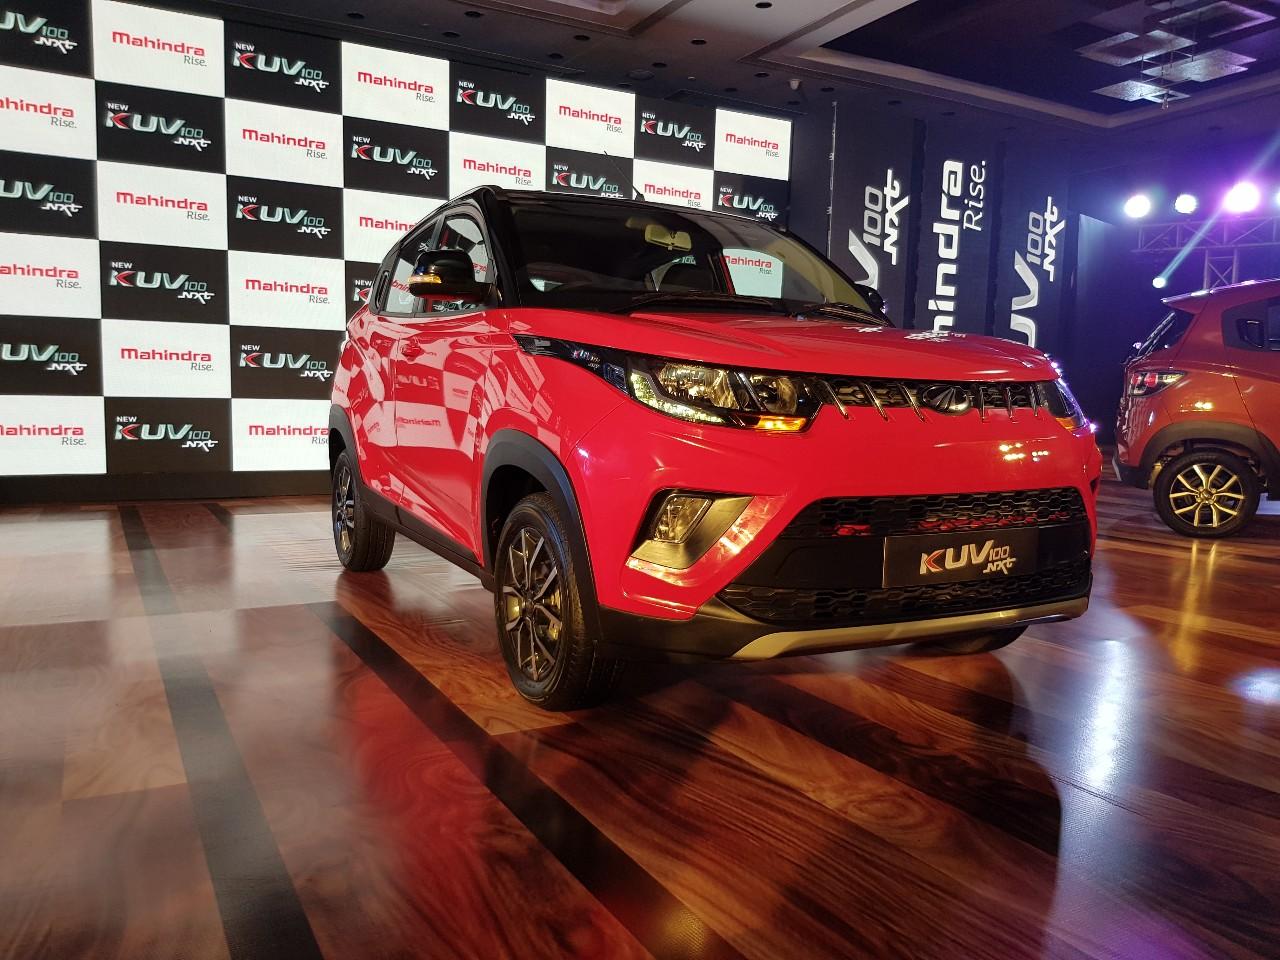 Mahindra KUV100 NXT – SUV siêu nhỏ, giá siêu rẻ 152,5 triệu đồng. KUV100 NXT là biến thể nâng cấp (facelift) của chiếc KUV100 từng được giới thiệu vào năm 2016, hiện mẫu xe này có giá bán khởi điểm siêu rẻ chỉ từ 152,5 triệu đồng. (CHI TIẾT)